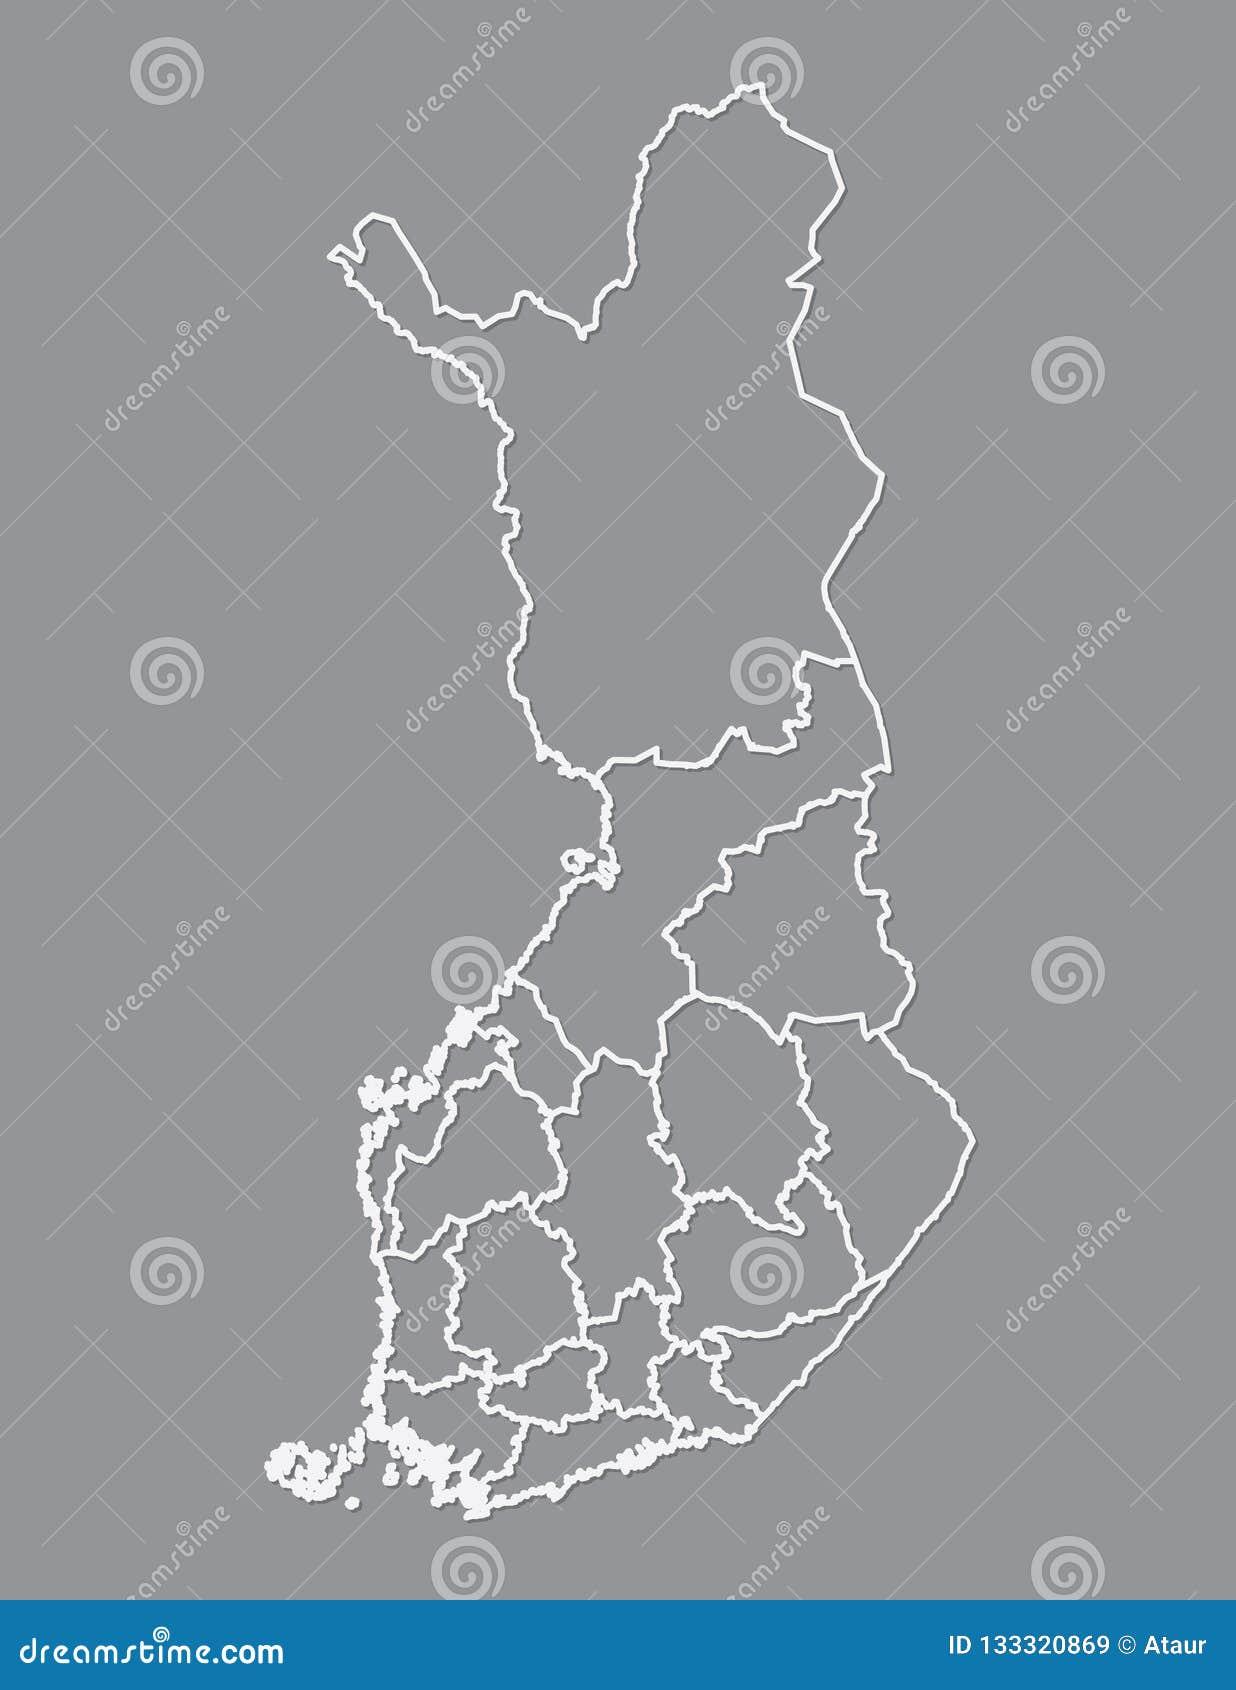 Finnland-Karte mit verschiedenen Regionen unter Verwendung der weißen Linien auf dunklem Hintergrundvektor